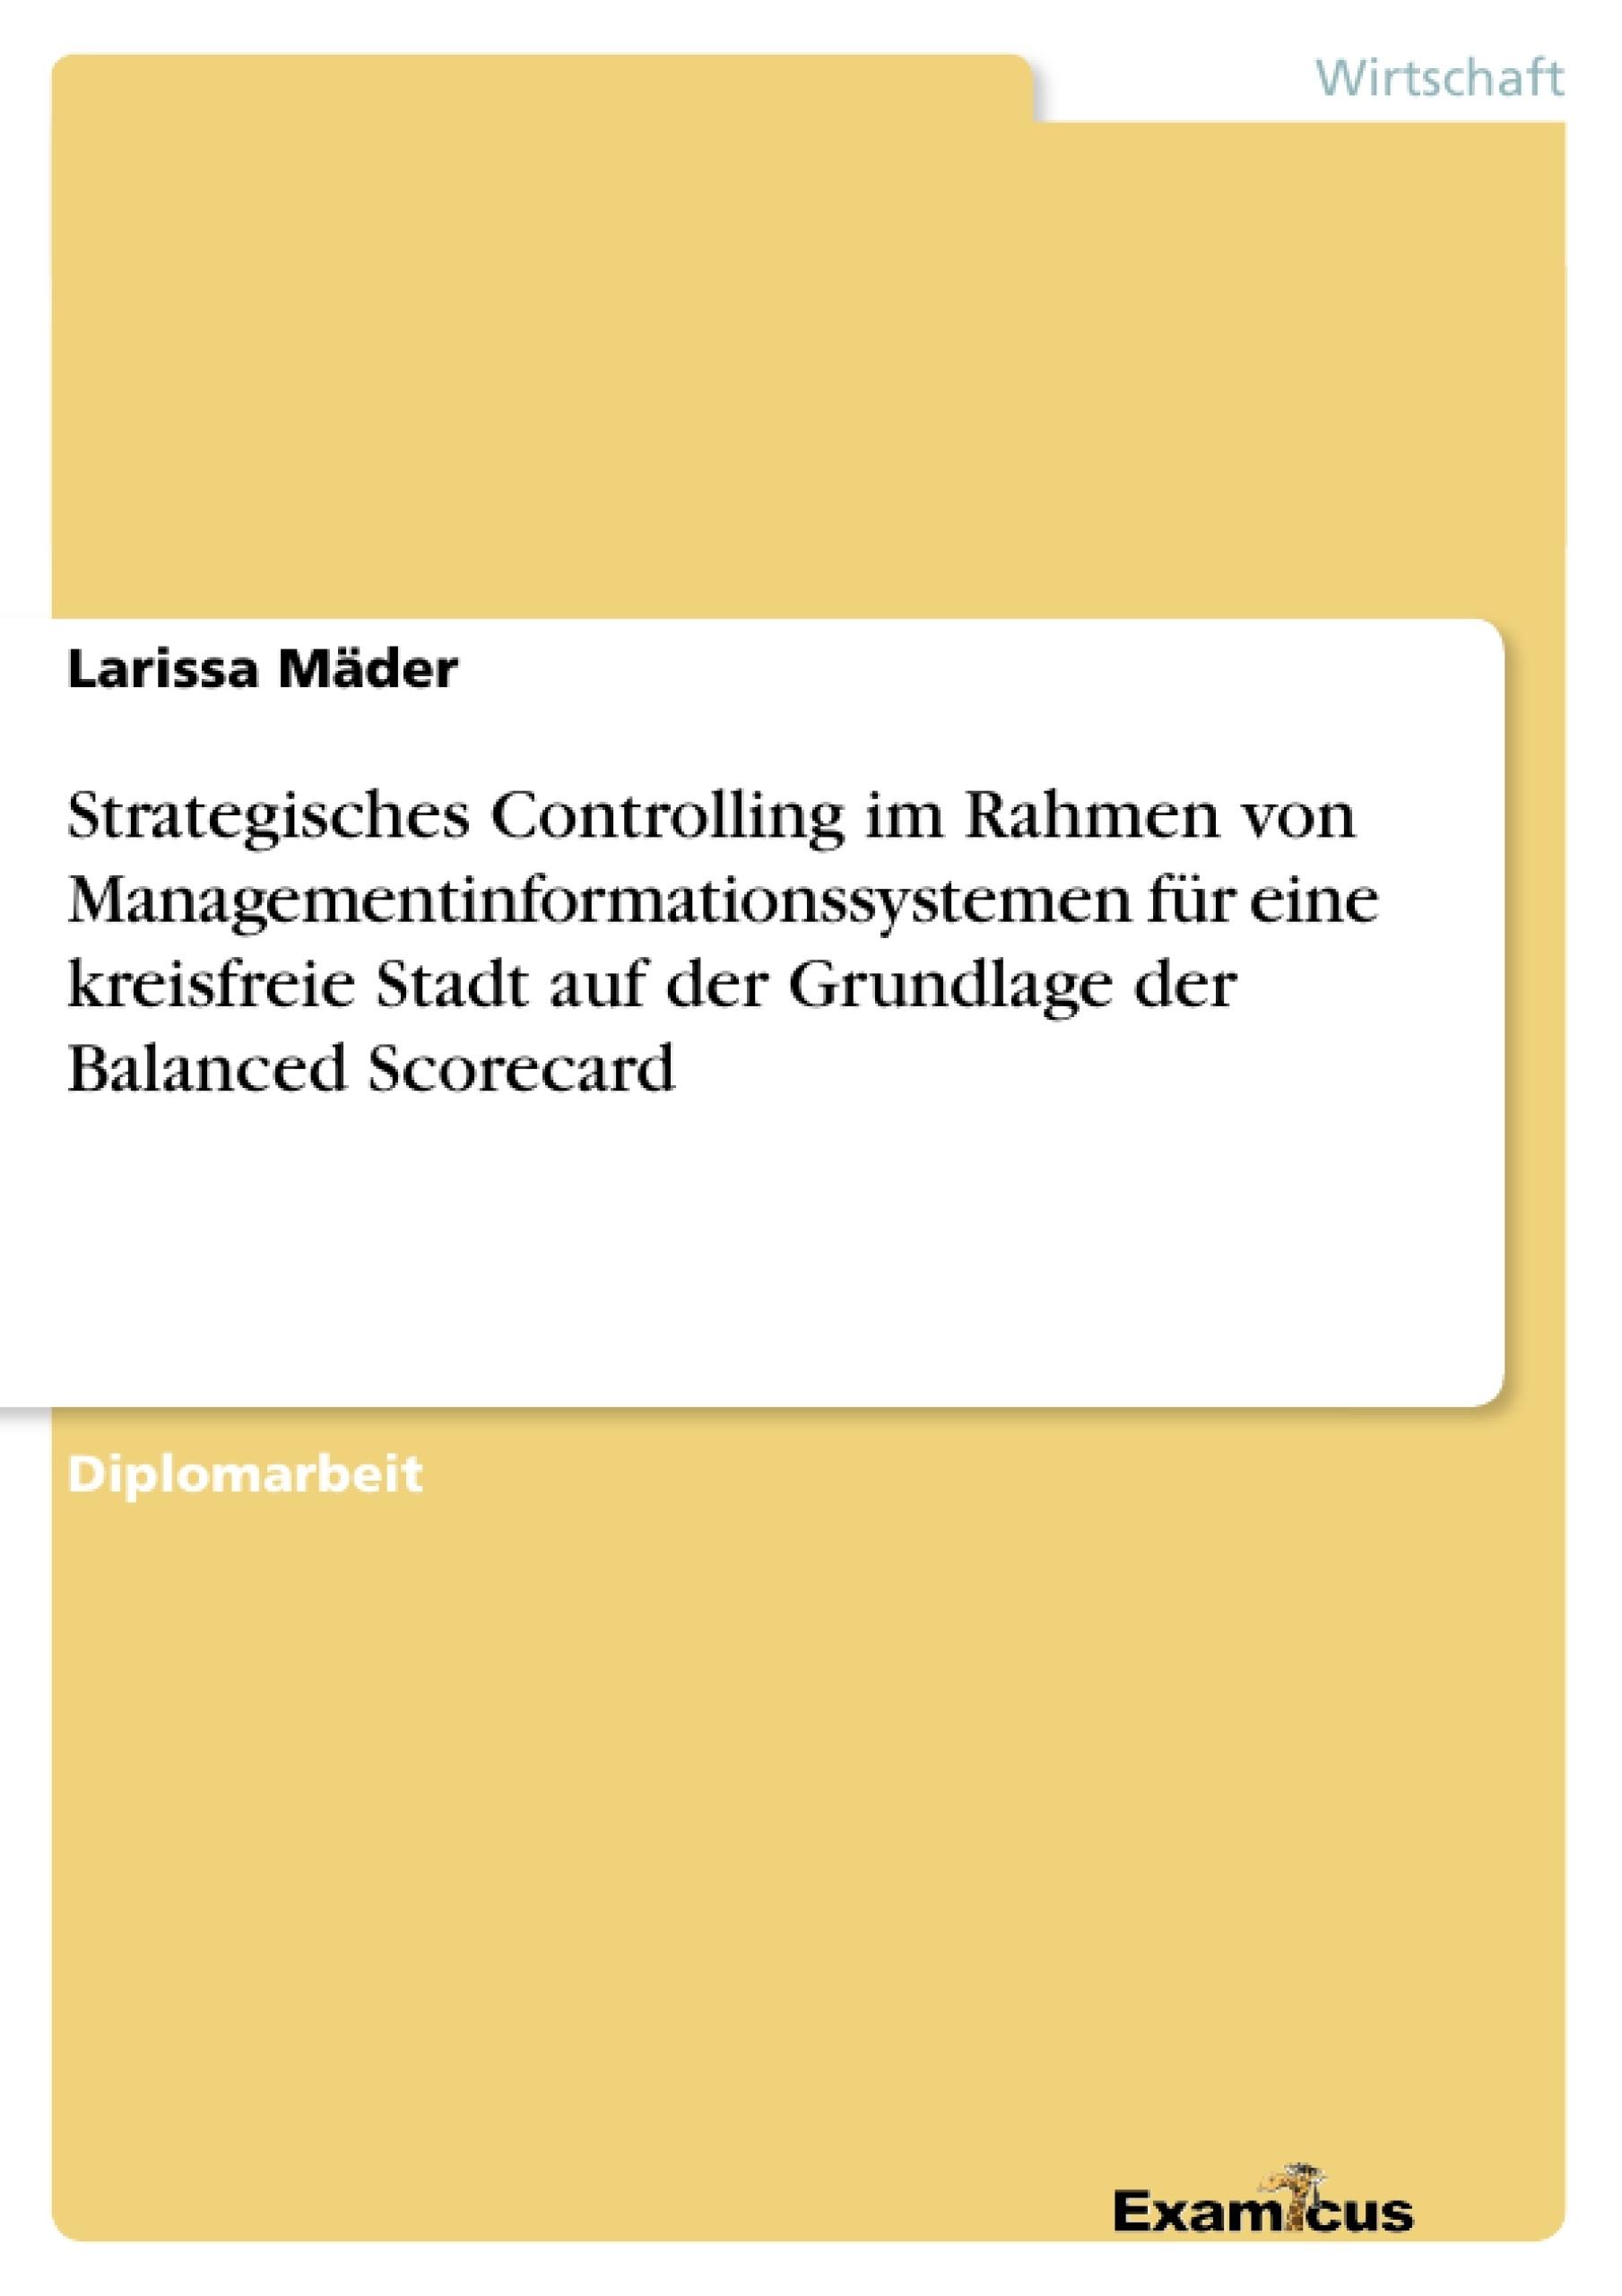 Titel: Strategisches Controlling im Rahmen von Managementinformationssystemen für eine kreisfreie Stadt auf der Grundlage der Balanced Scorecard